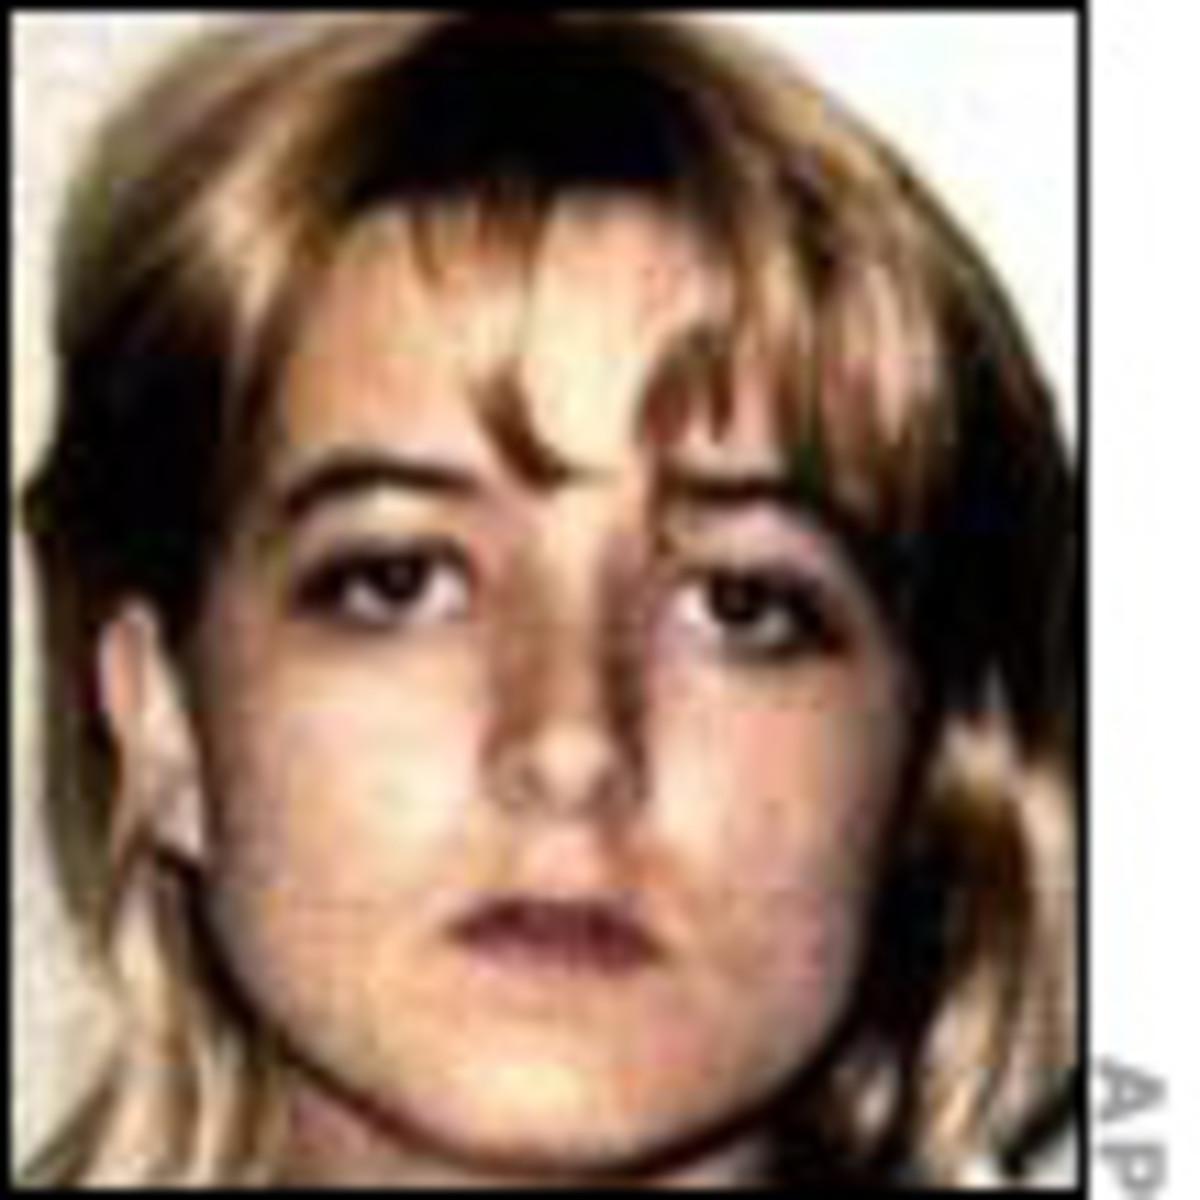 Darlie Routier -- Source:  http://i.cdn.turner.com/trutv/trutv.com/graphics/photos/notorious_murders/women/routier/1a.jpg